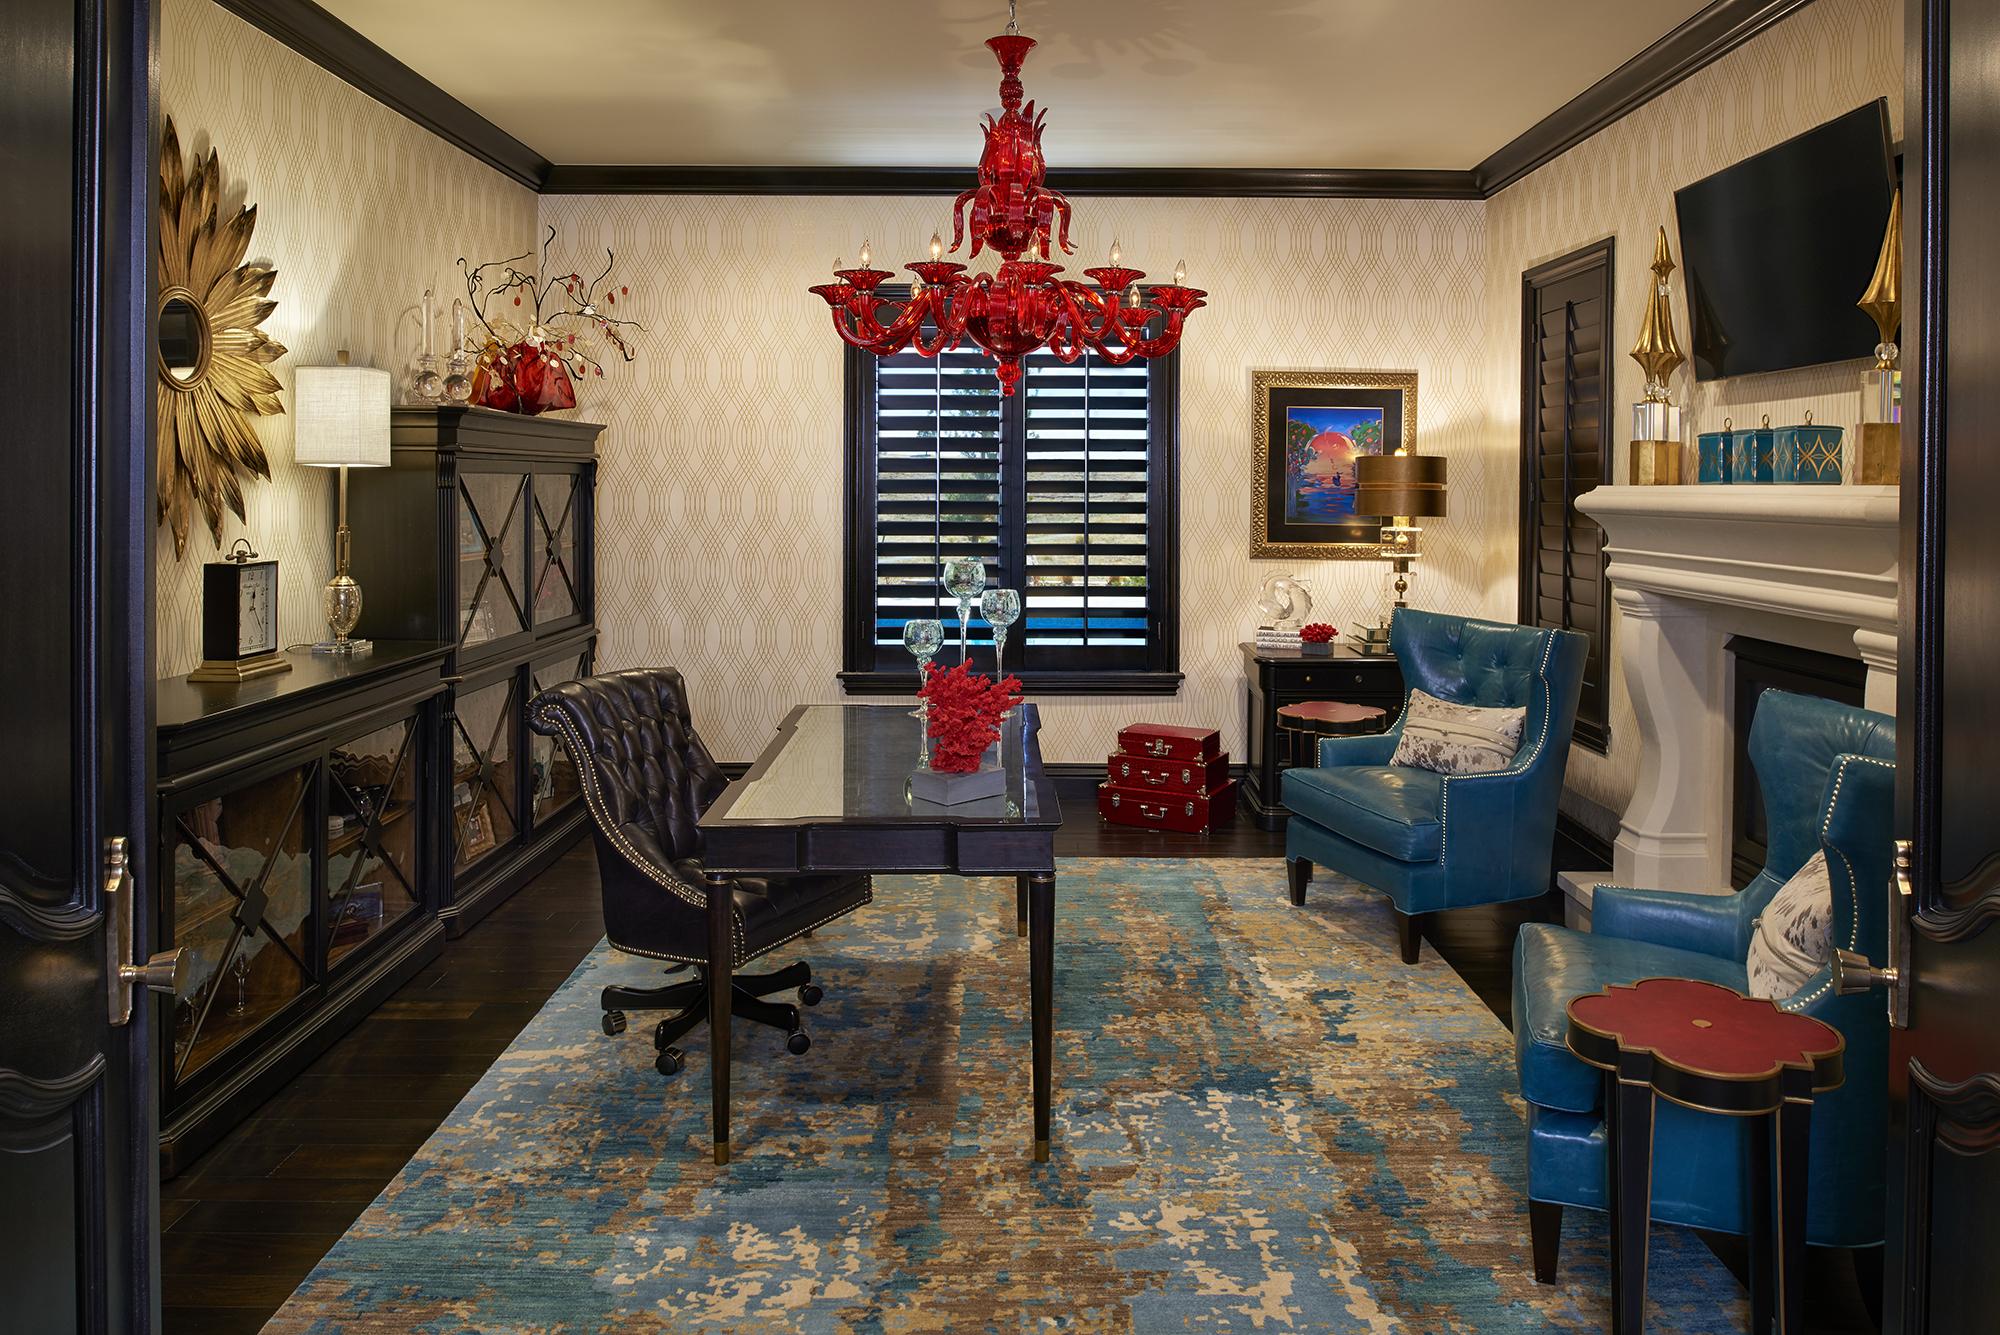 Interior designer centennial co home decor near me - Home designers near me ...